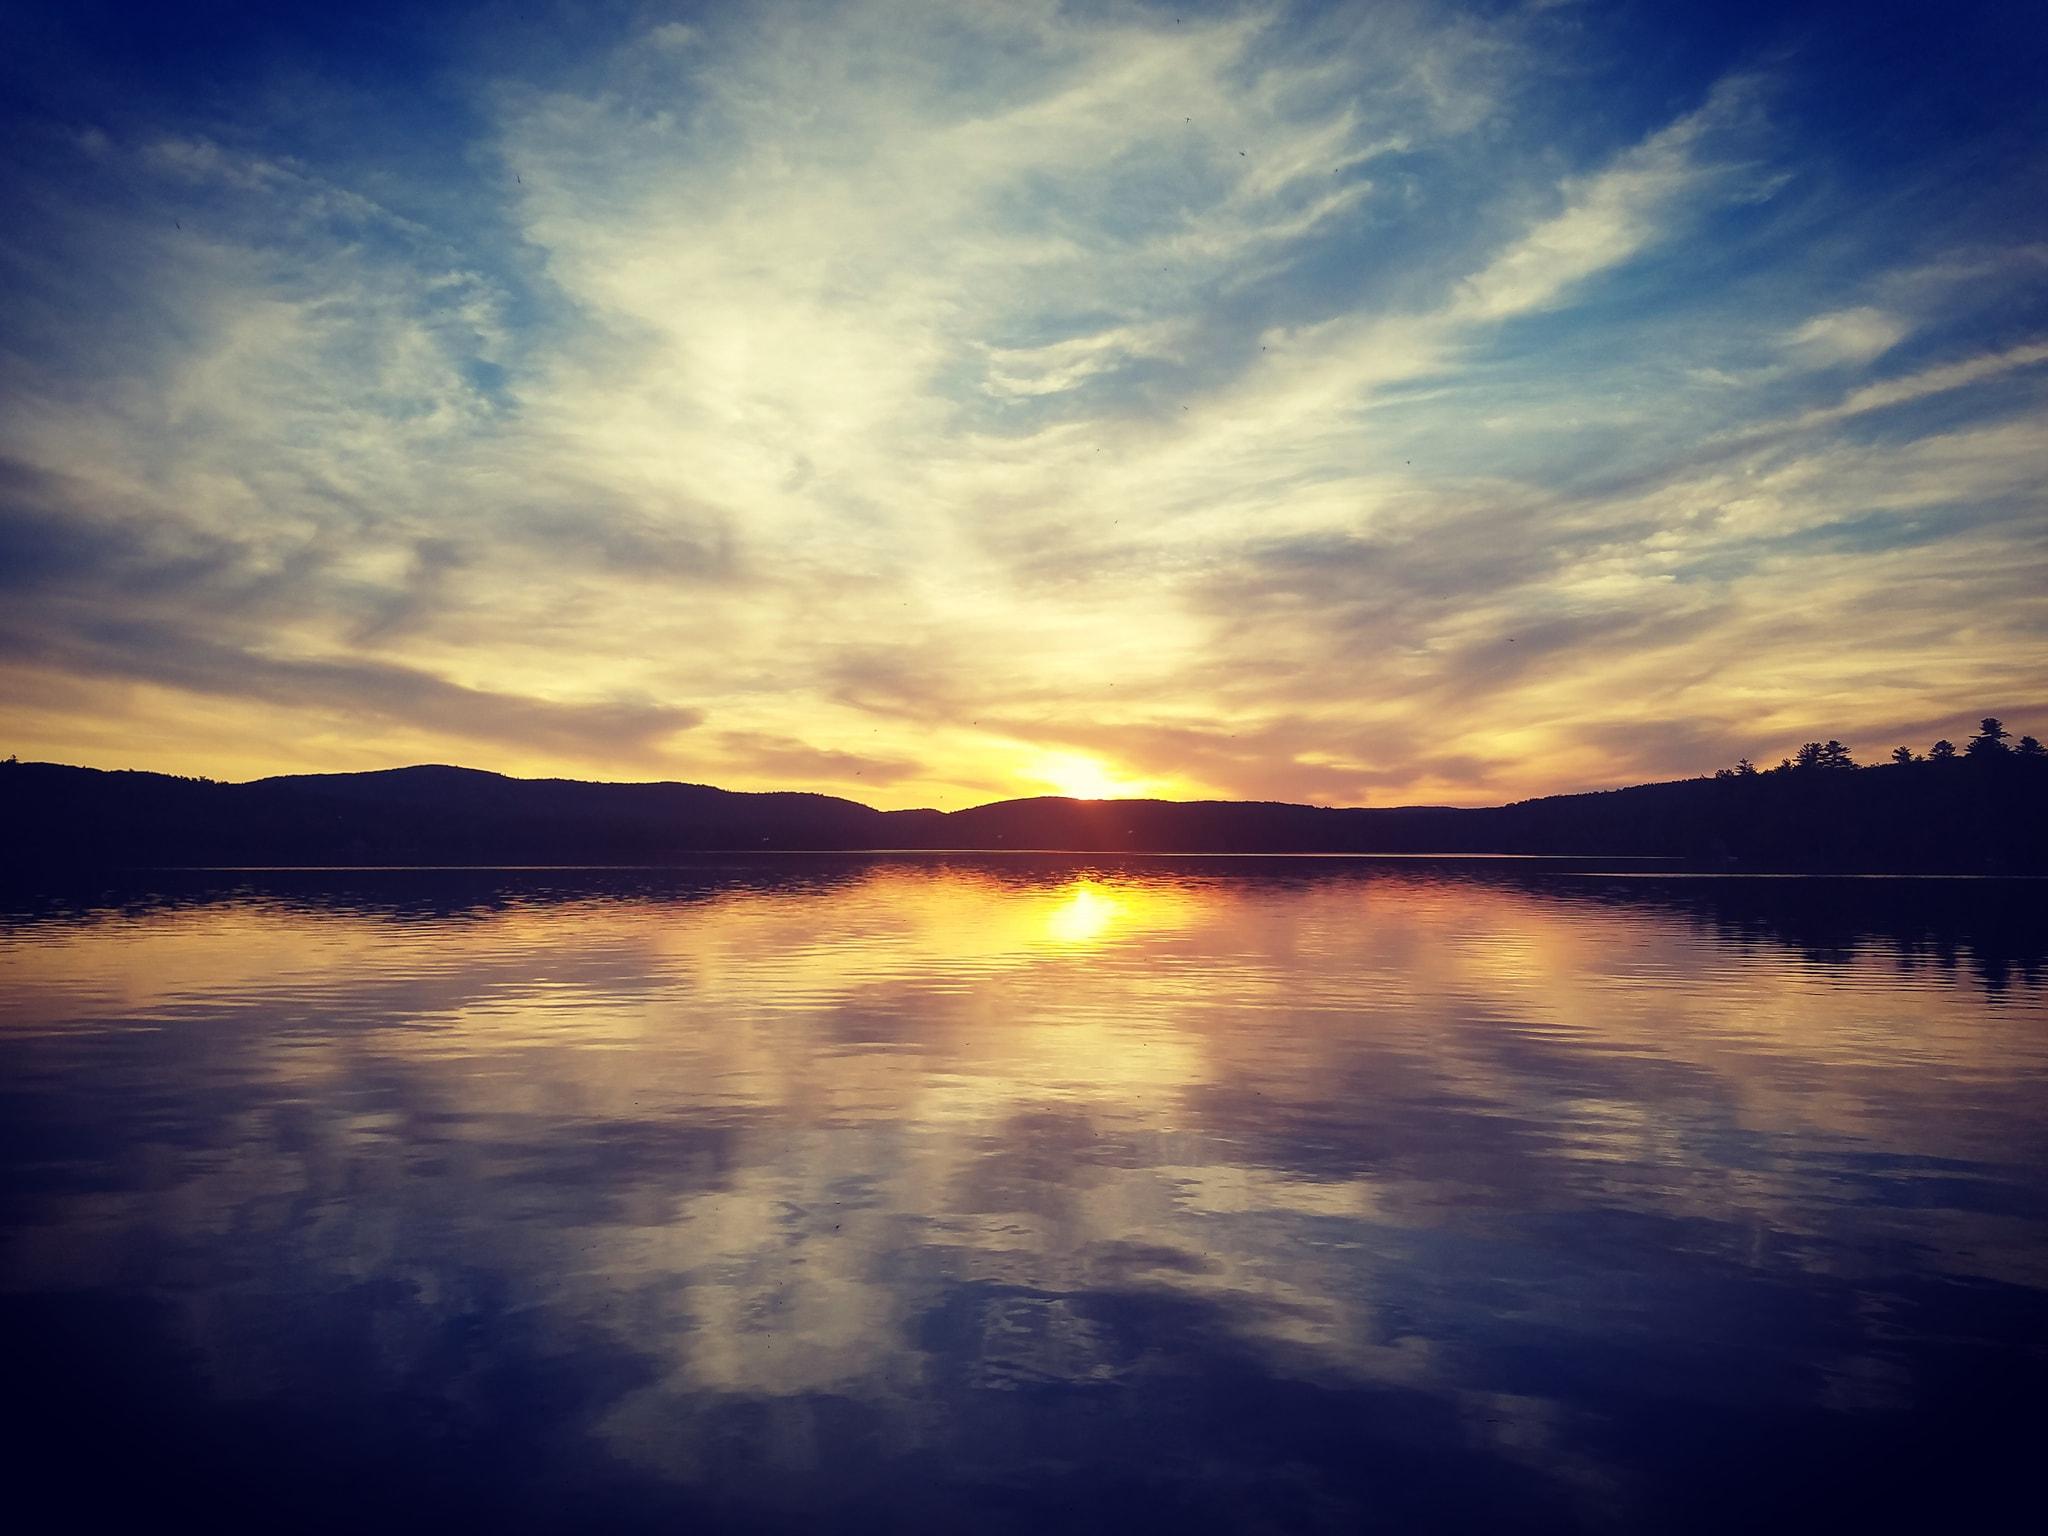 Aaaron sunset lake photo